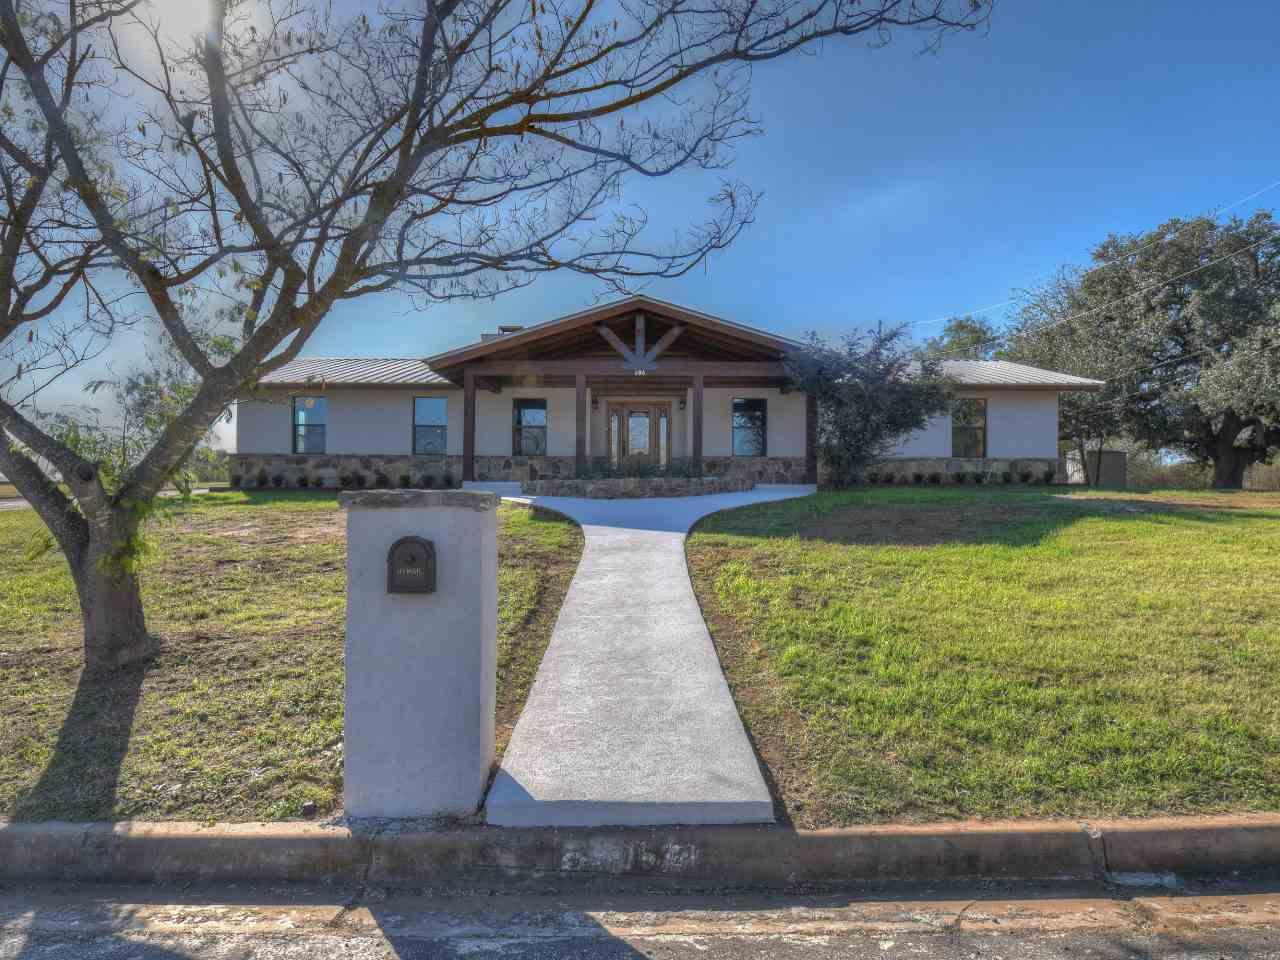 Llano, TX - Oatman